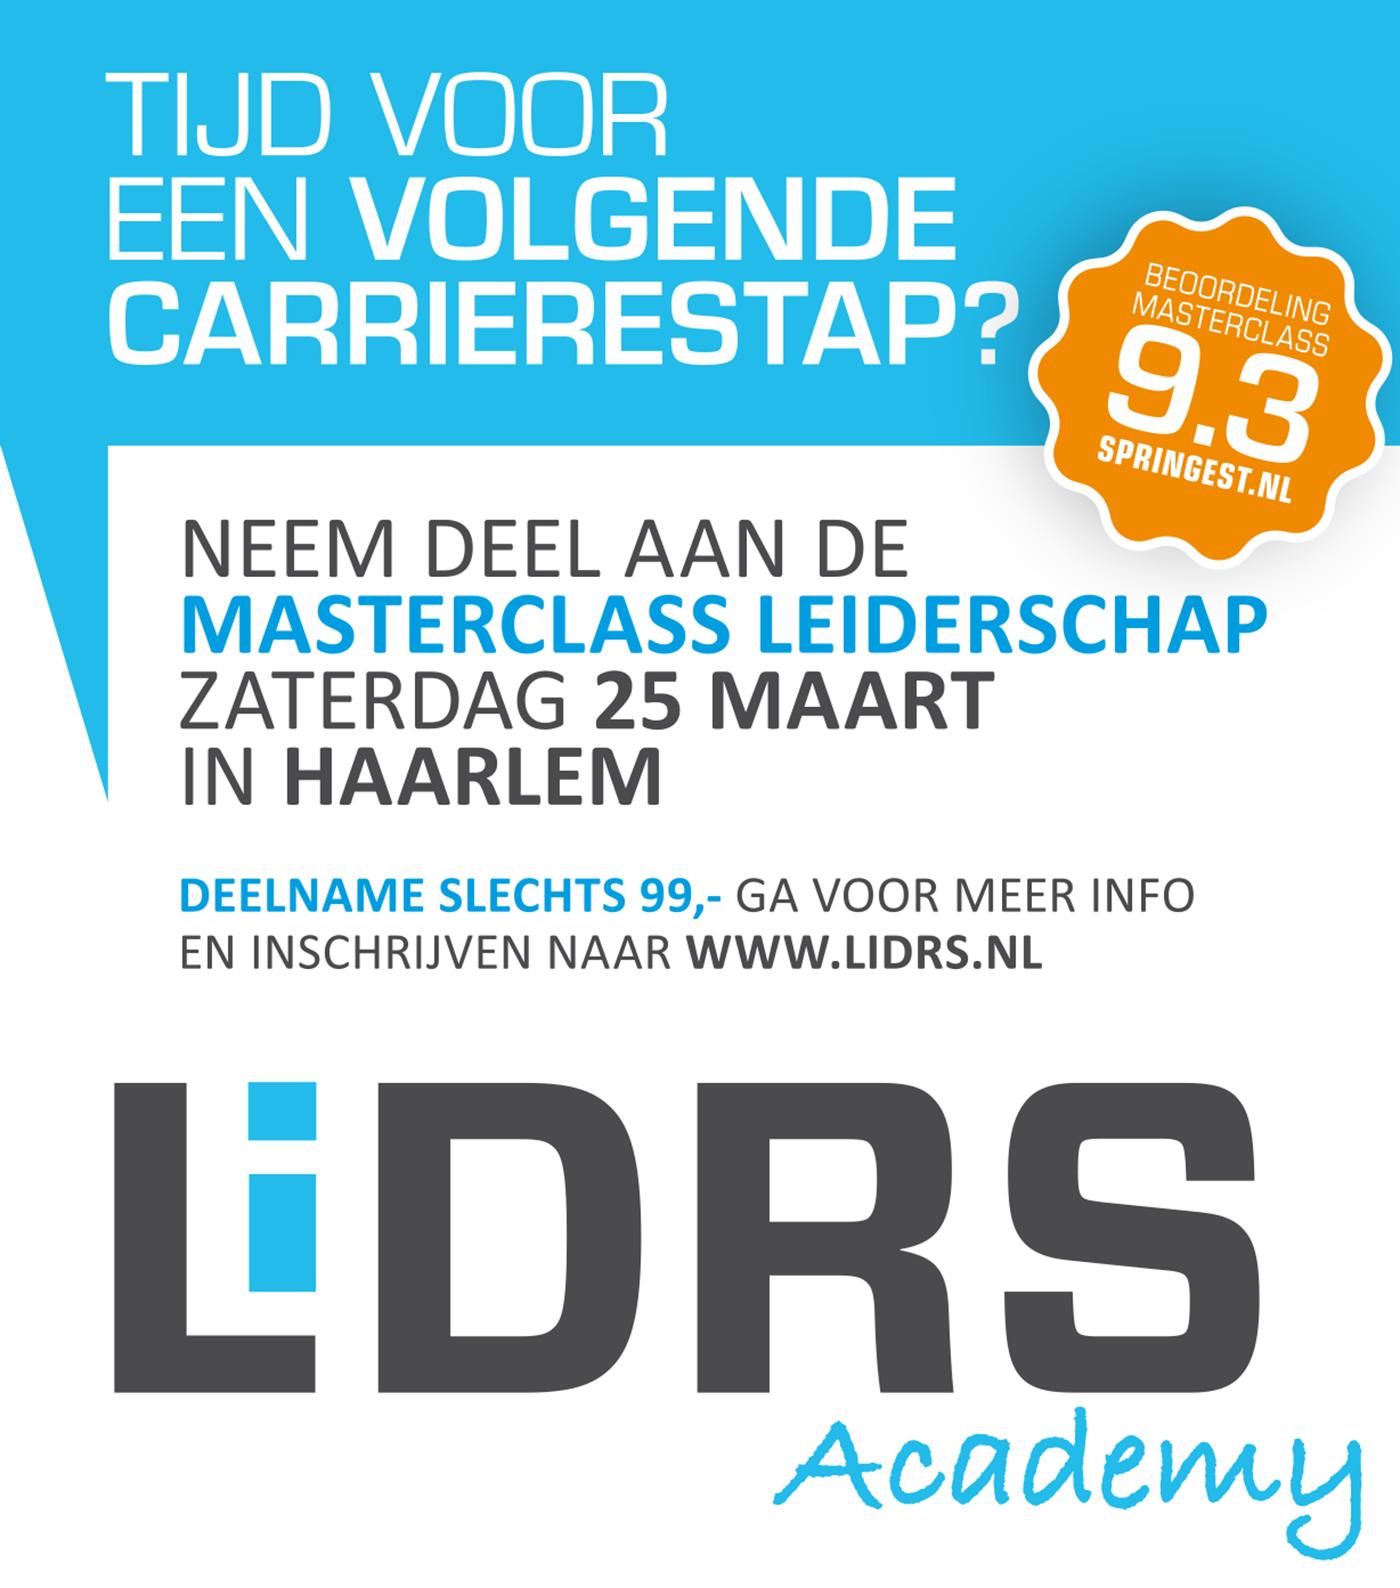 LiDRS-20160128-AD-masterclass-104x118-RGB